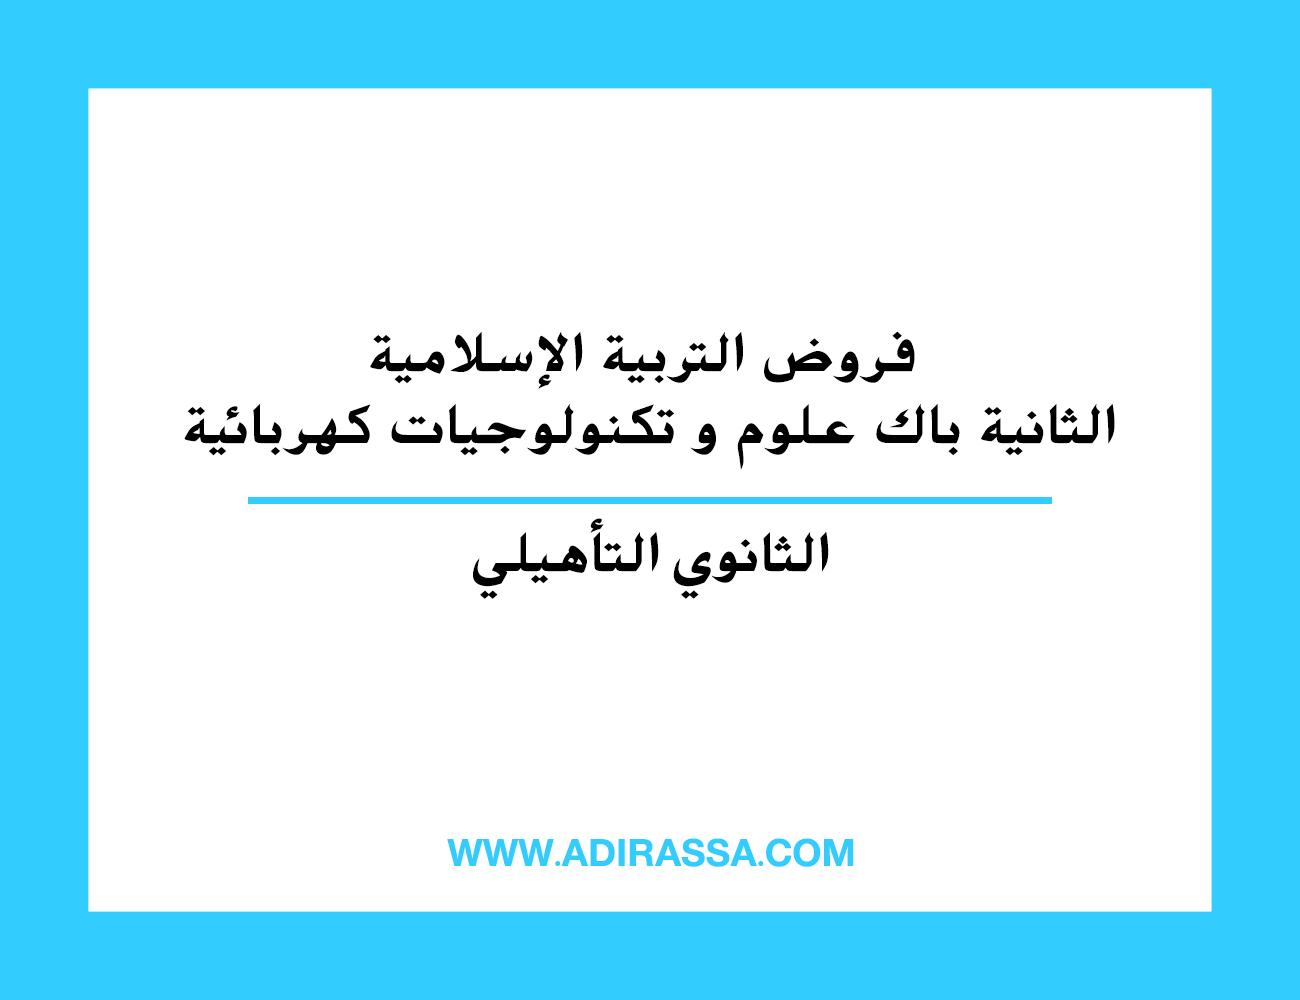 فروض التربية الإسلامية الثانية باك علوم و تكنولوجيات كهربائية بالثانوي التأهيلي